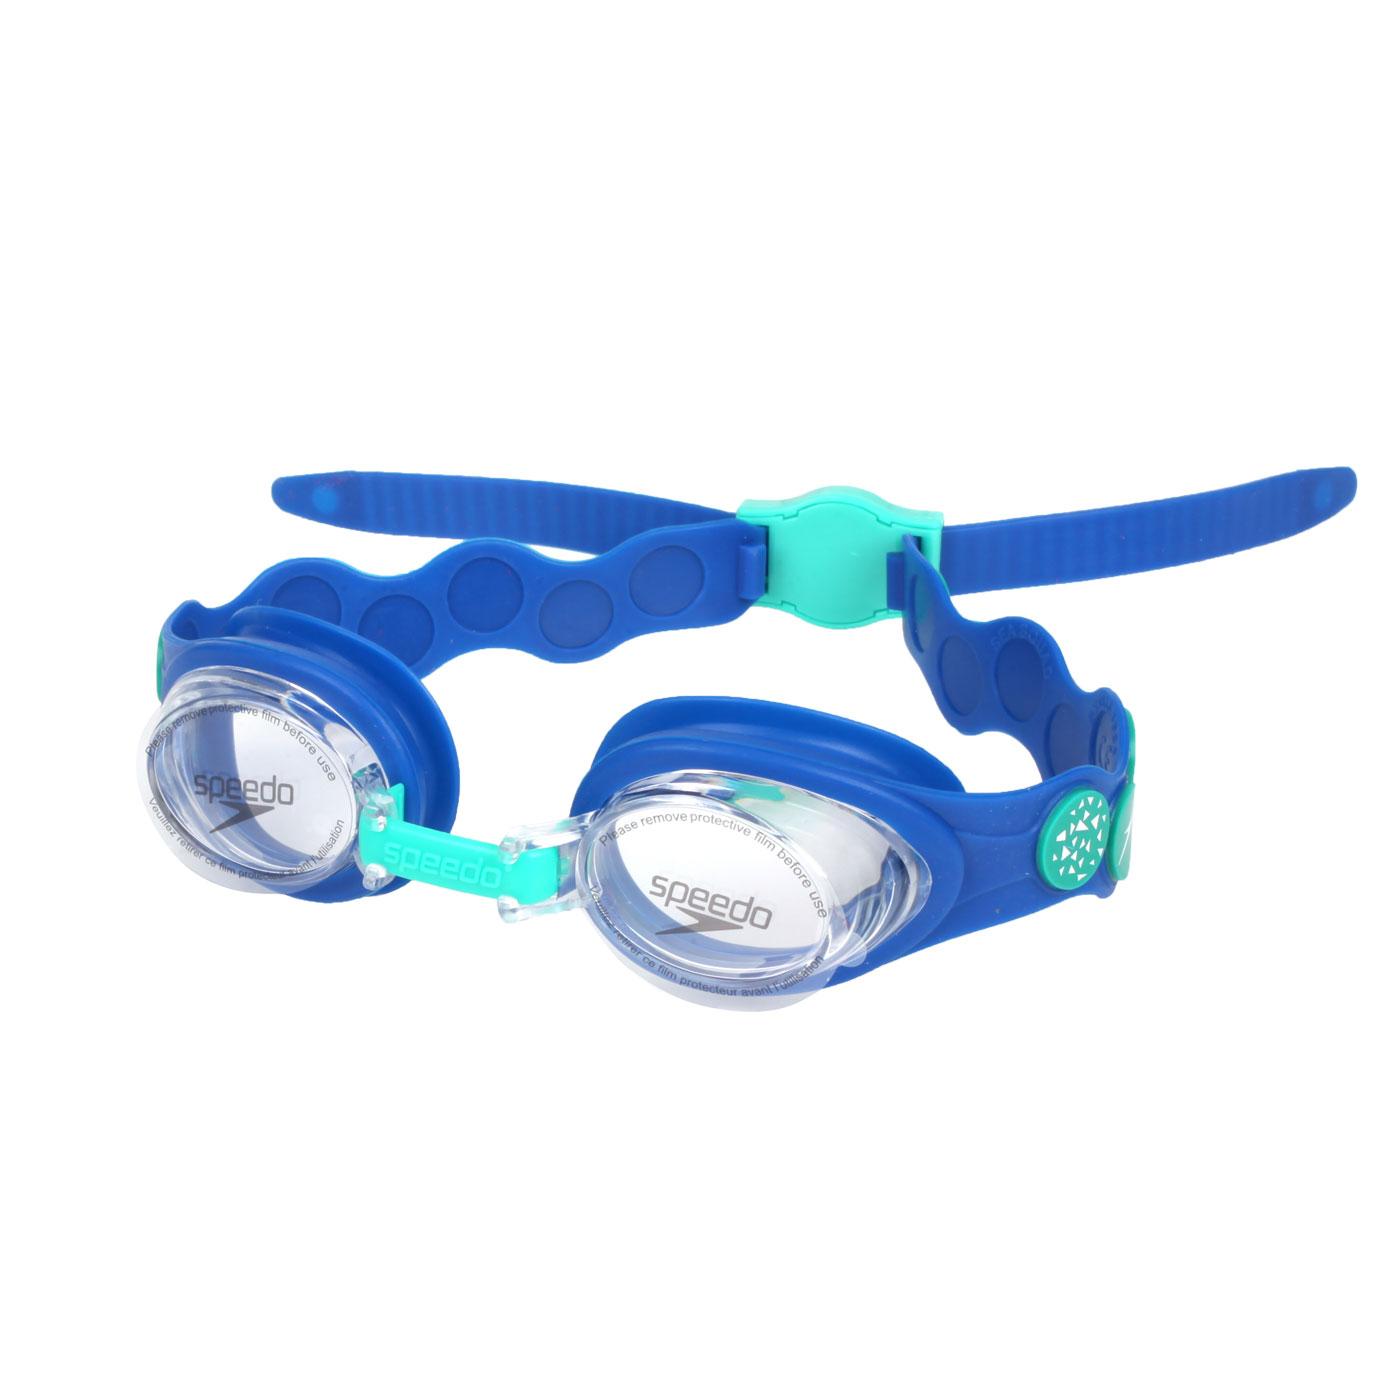 SPEEDO 幼童運動泳鏡-小鱷魚 SD808382D660